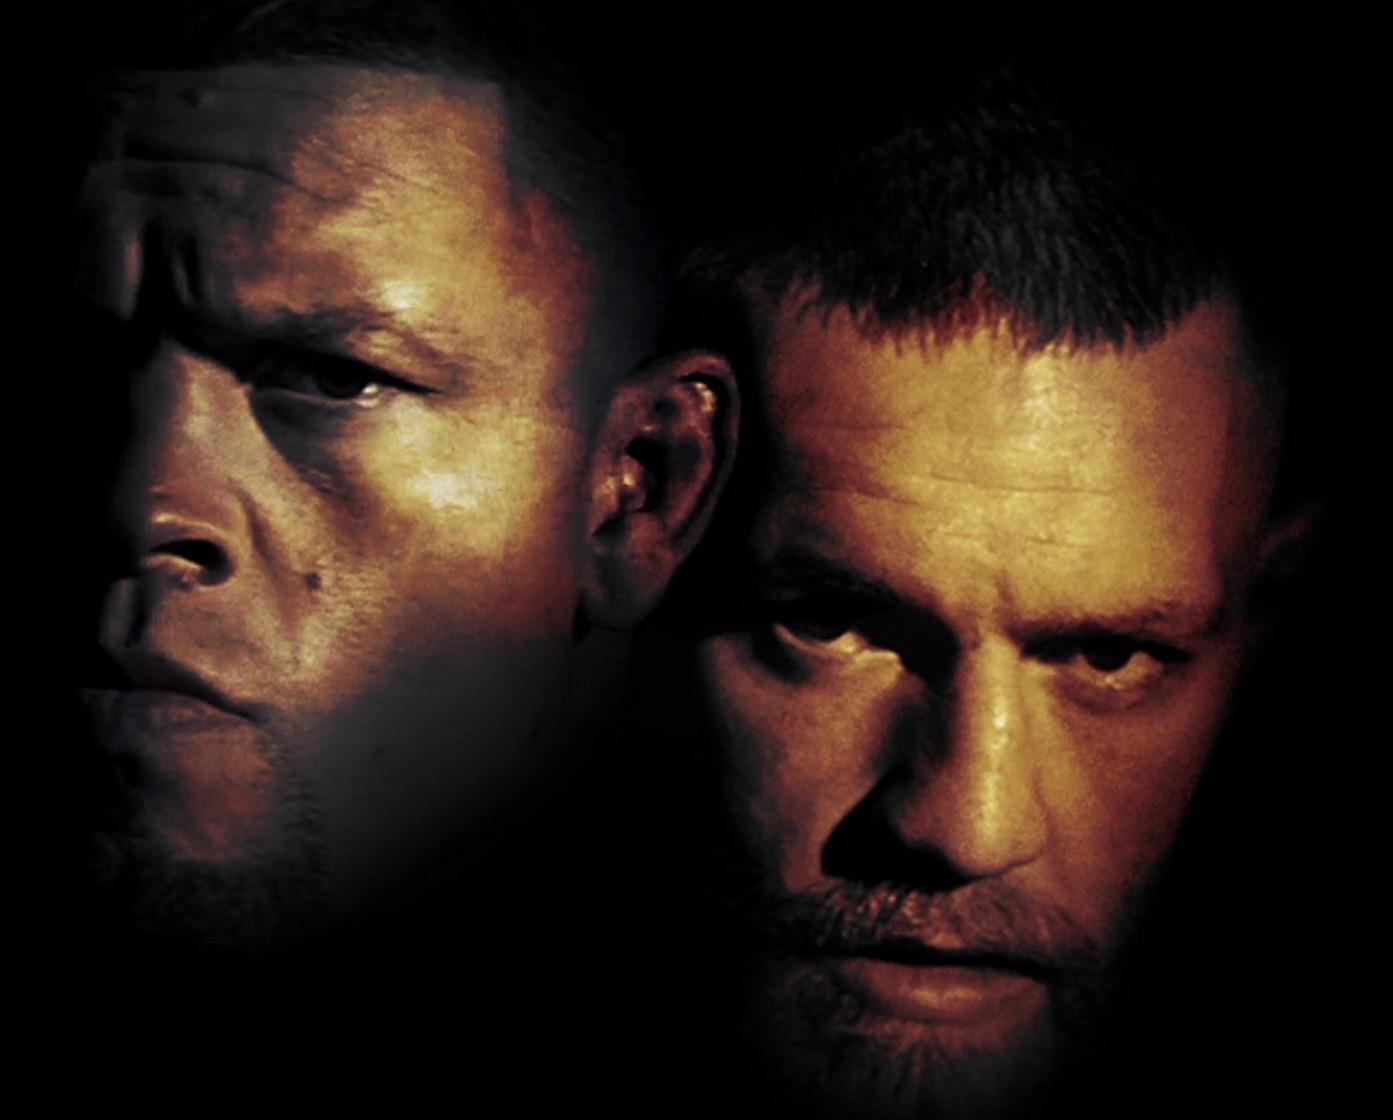 McGregor vs Diaz